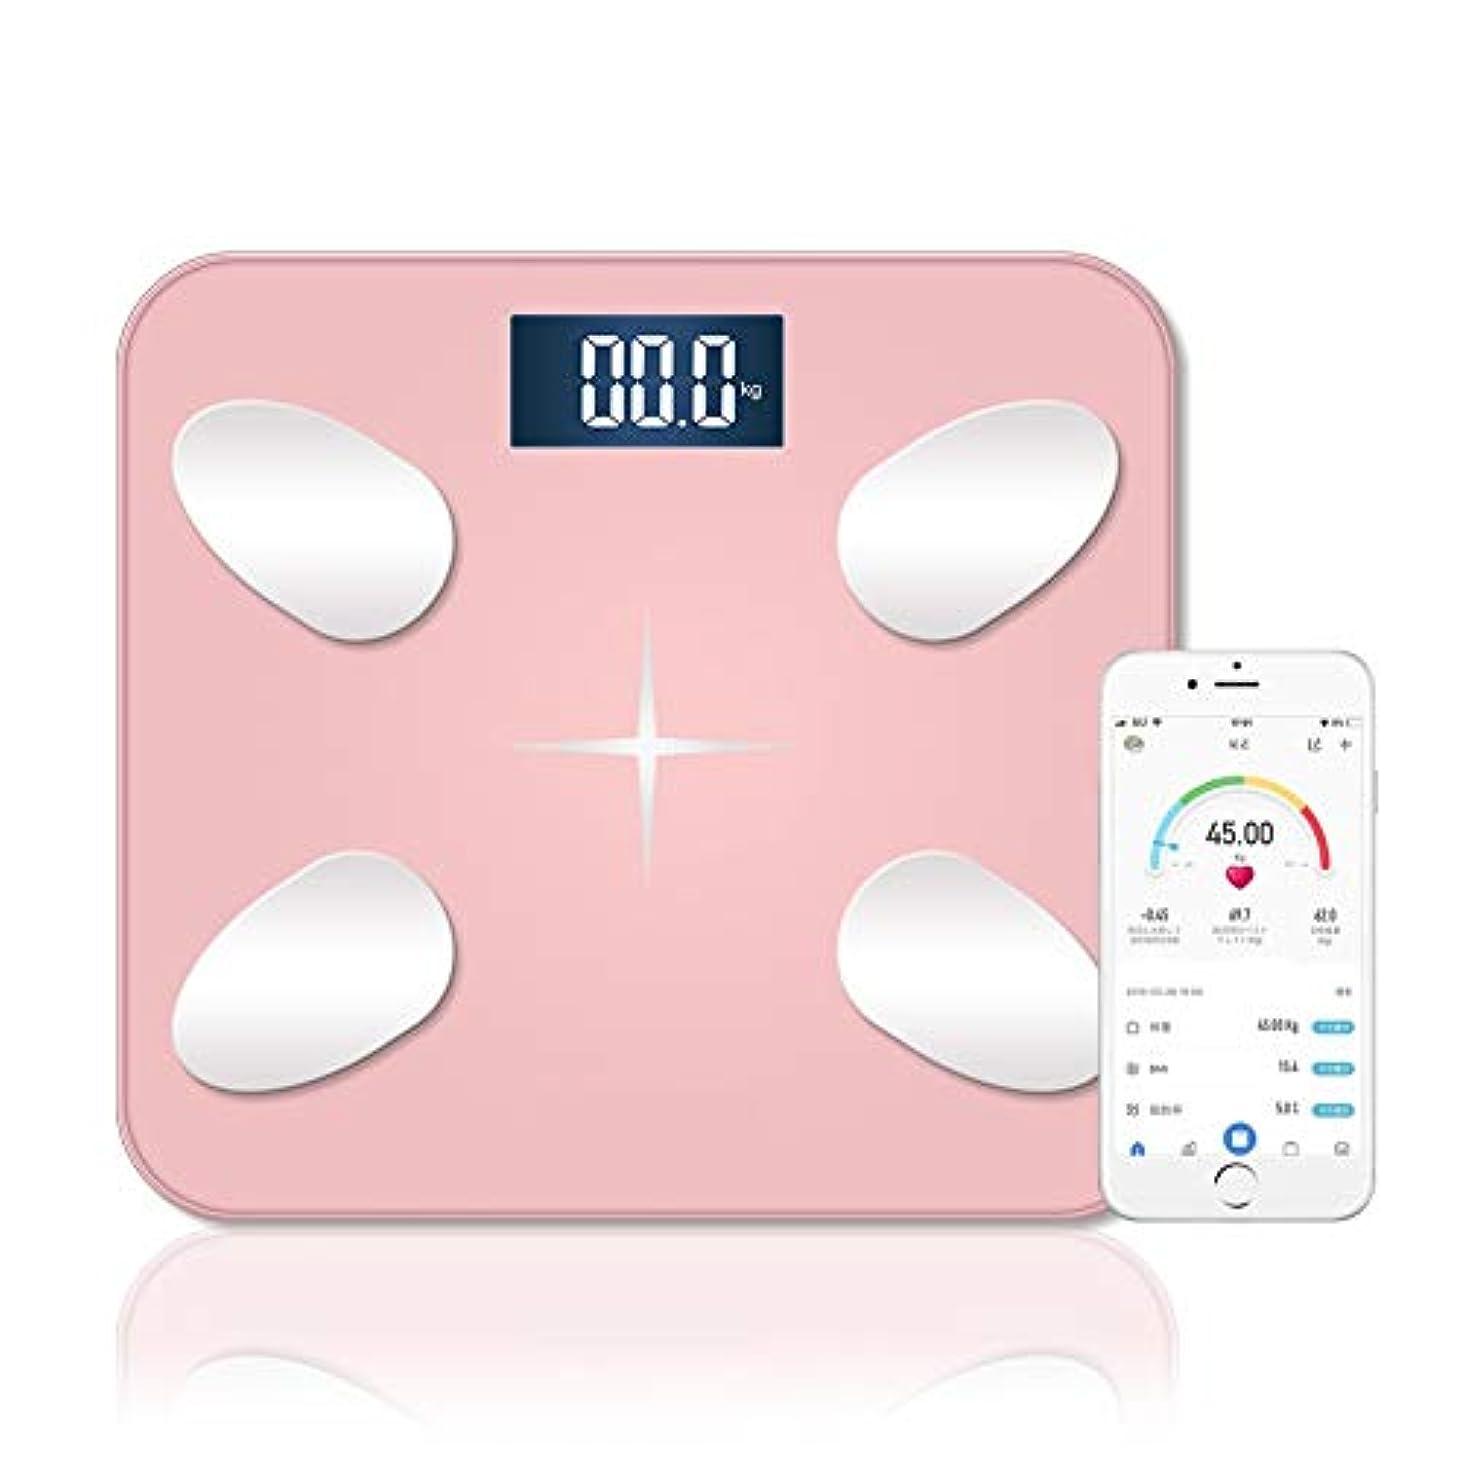 コメント南極みなさん体重計体脂肪計体組成計健康計Bluetooth LCDデジタルディスプレイ強化ガラス高精度センサースマート体重計/体脂肪率/BMI/BMR/体水分/骨量/骨格筋測定健康管理Bluetooth対応iOS/Androidアプリケーション多機能小型USB充電家庭健康管理と日本語マニュアルピンク